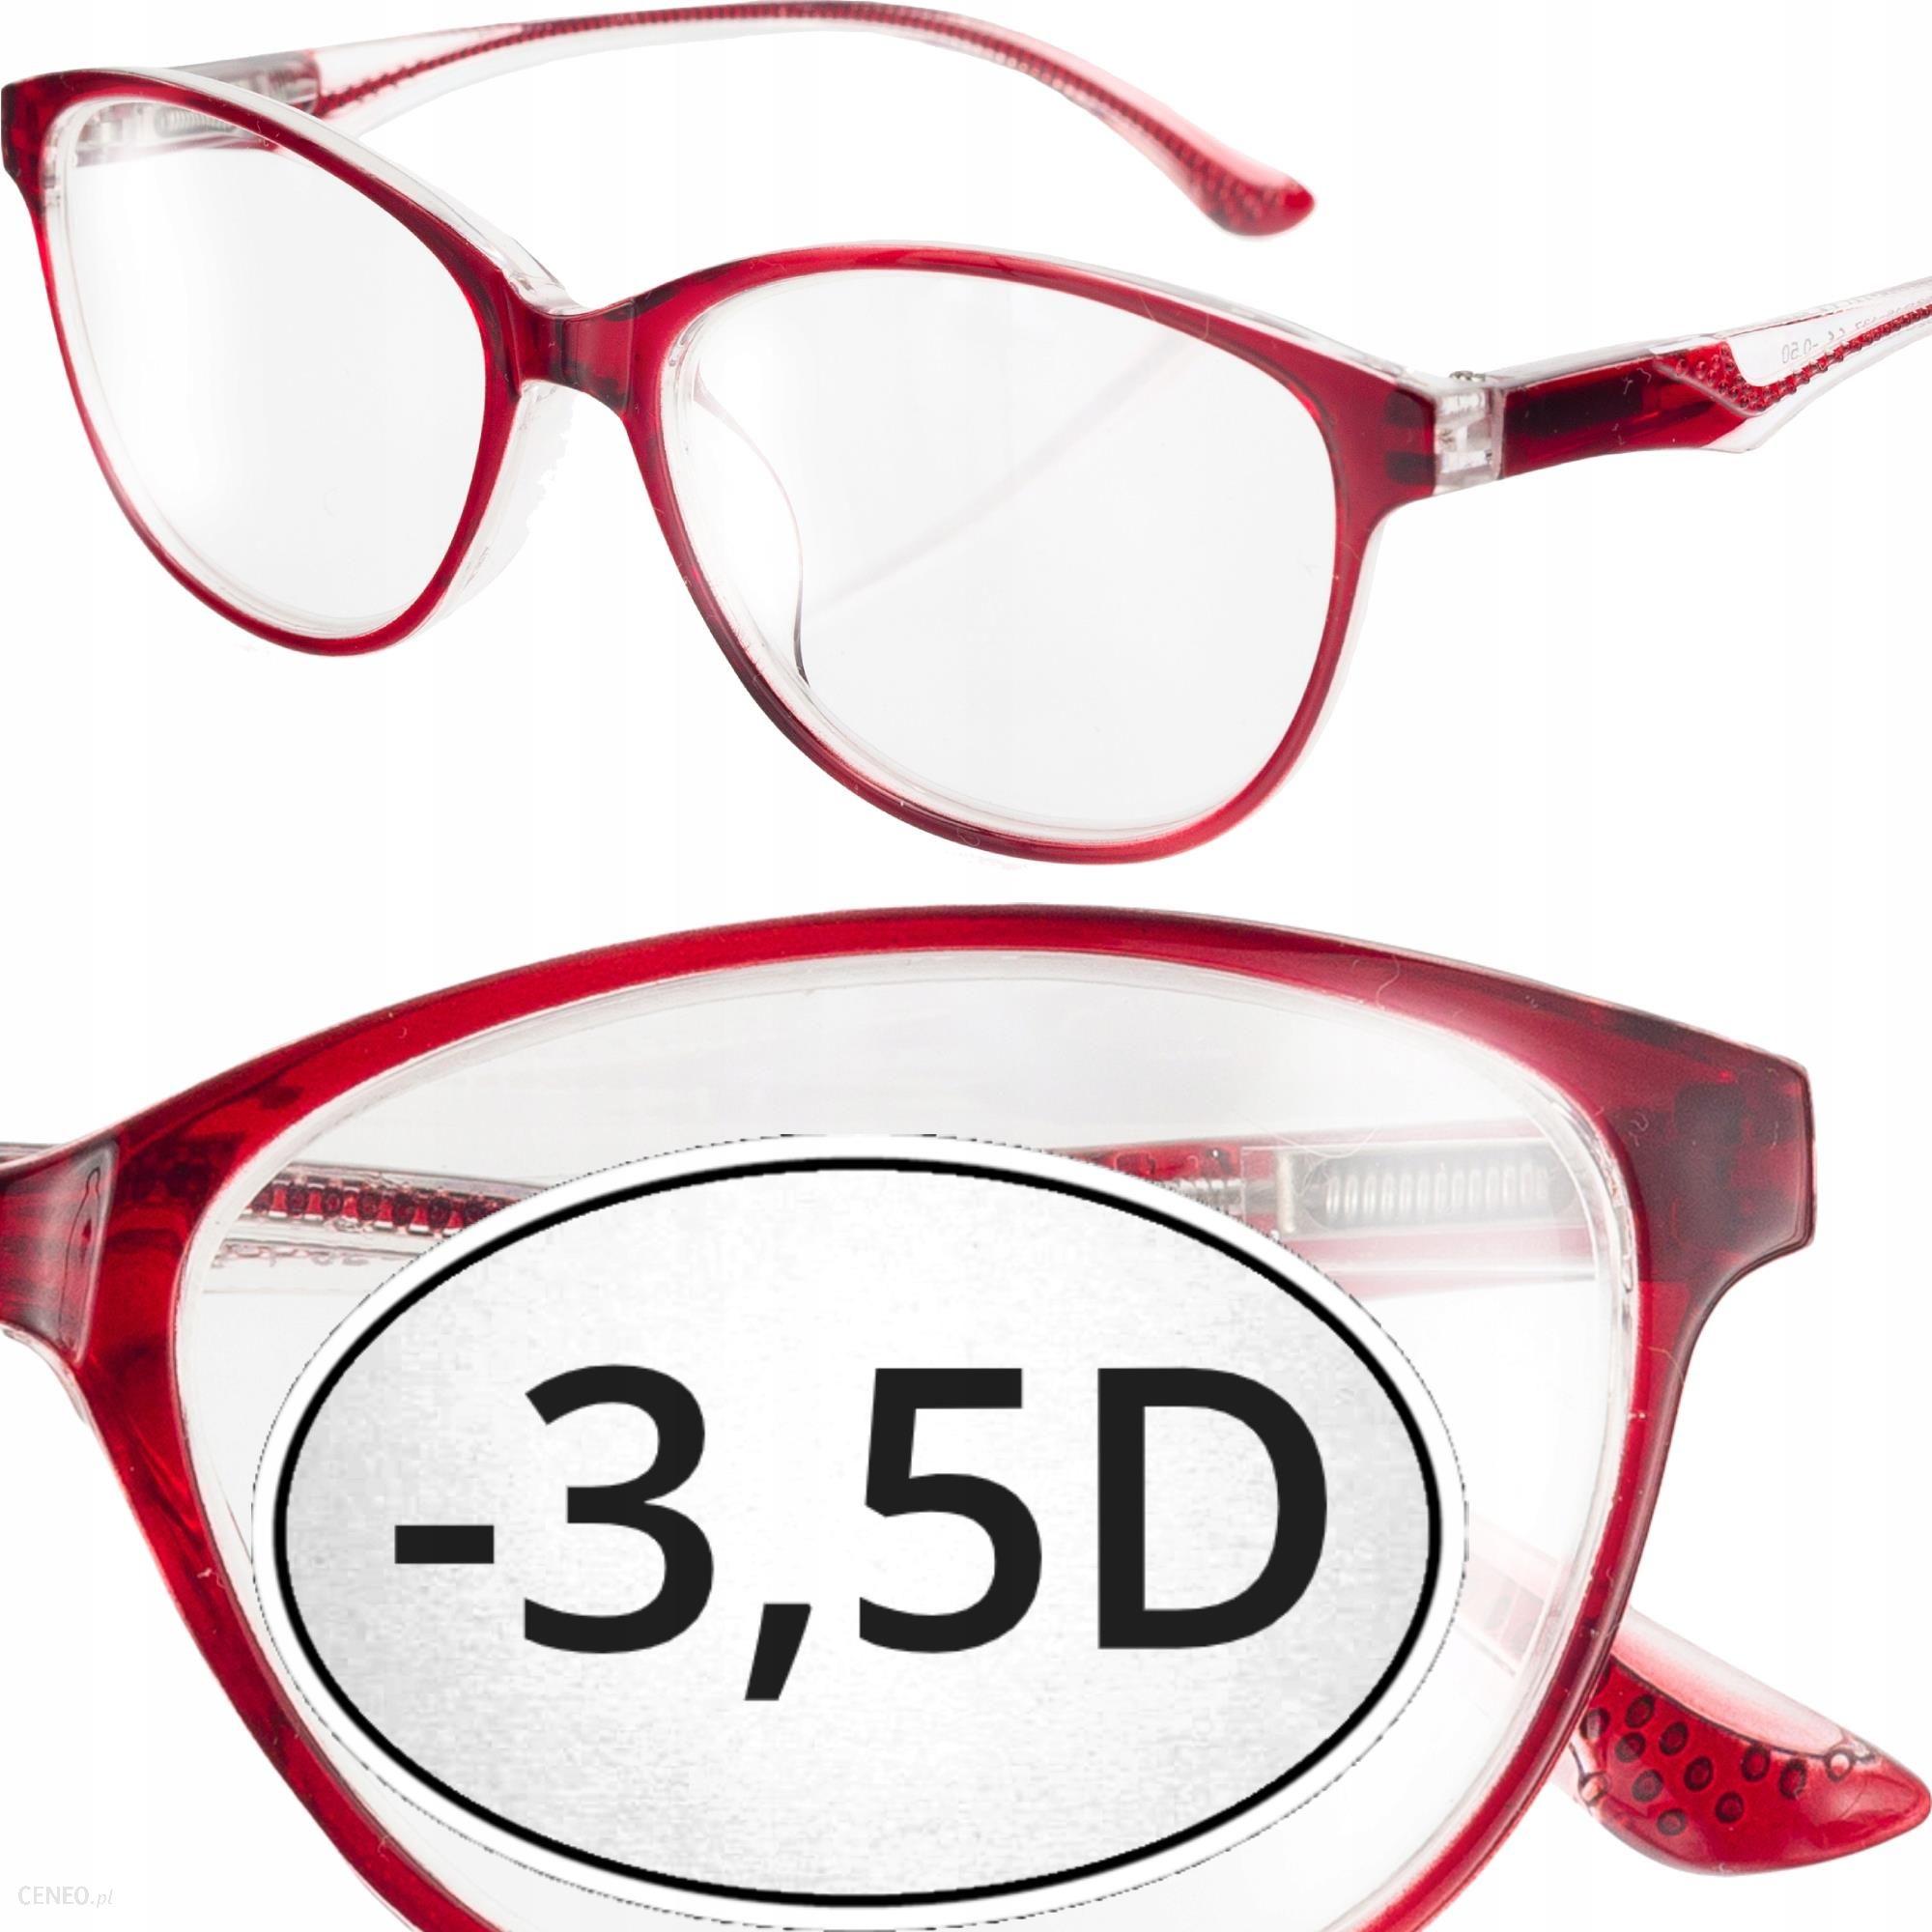 Okulary Flex Korekcyjne Minusy Czerwone 3 5 Opinie I Ceny Na Ceneo Pl